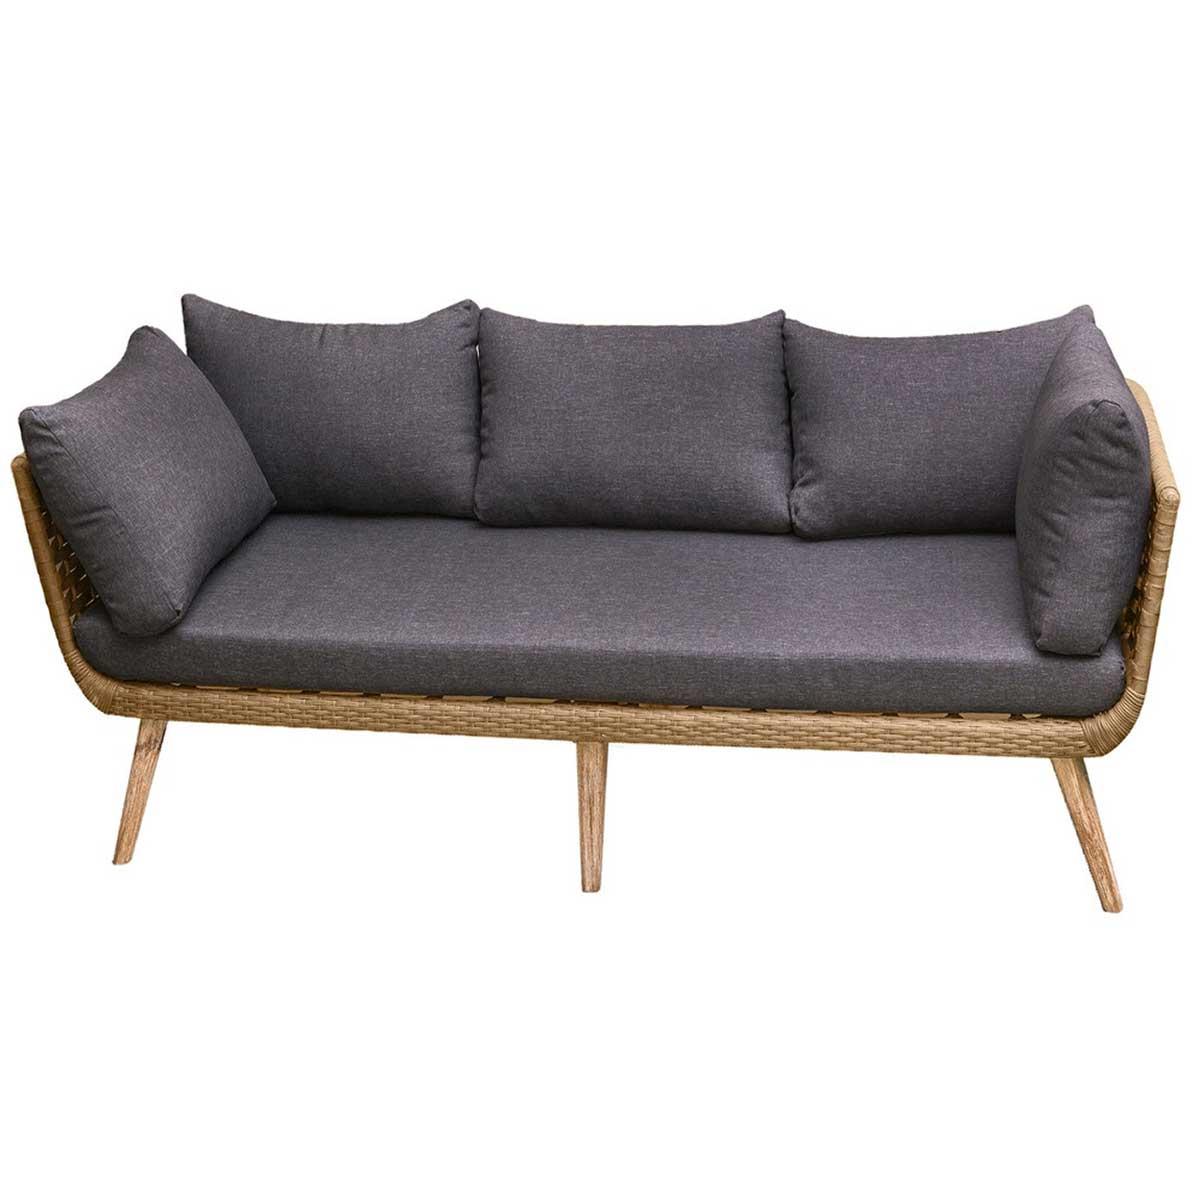 Canapé naturel en corde et bois - Beige - 192.00 cm x 72.00 cm x 68.00 cm